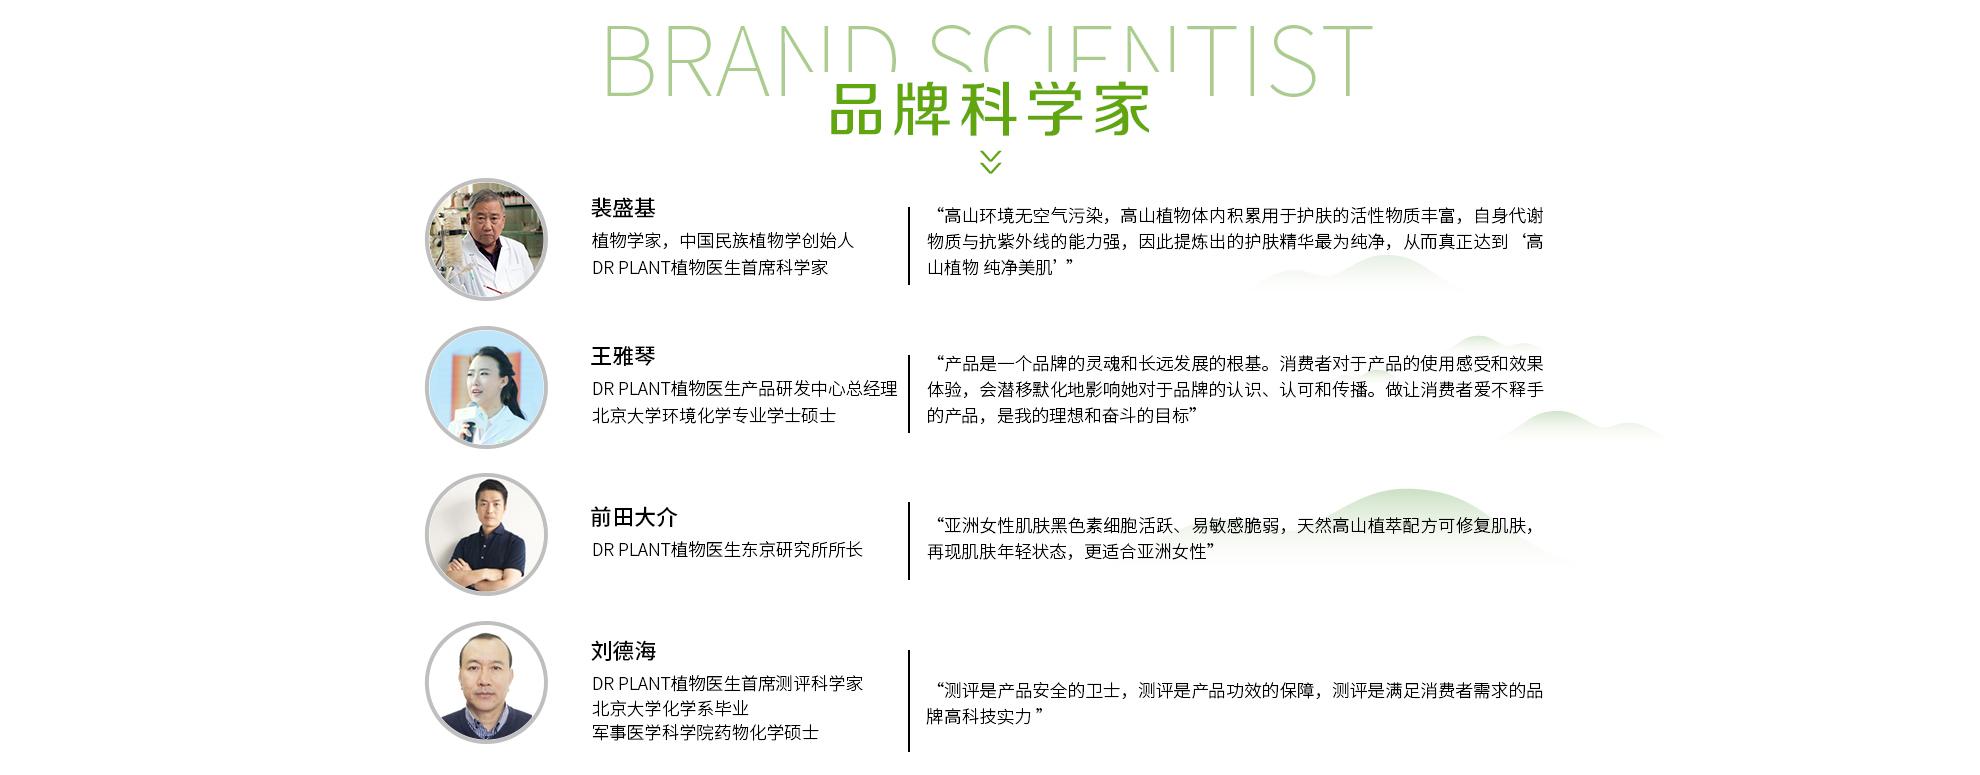 品牌科学家.jpg